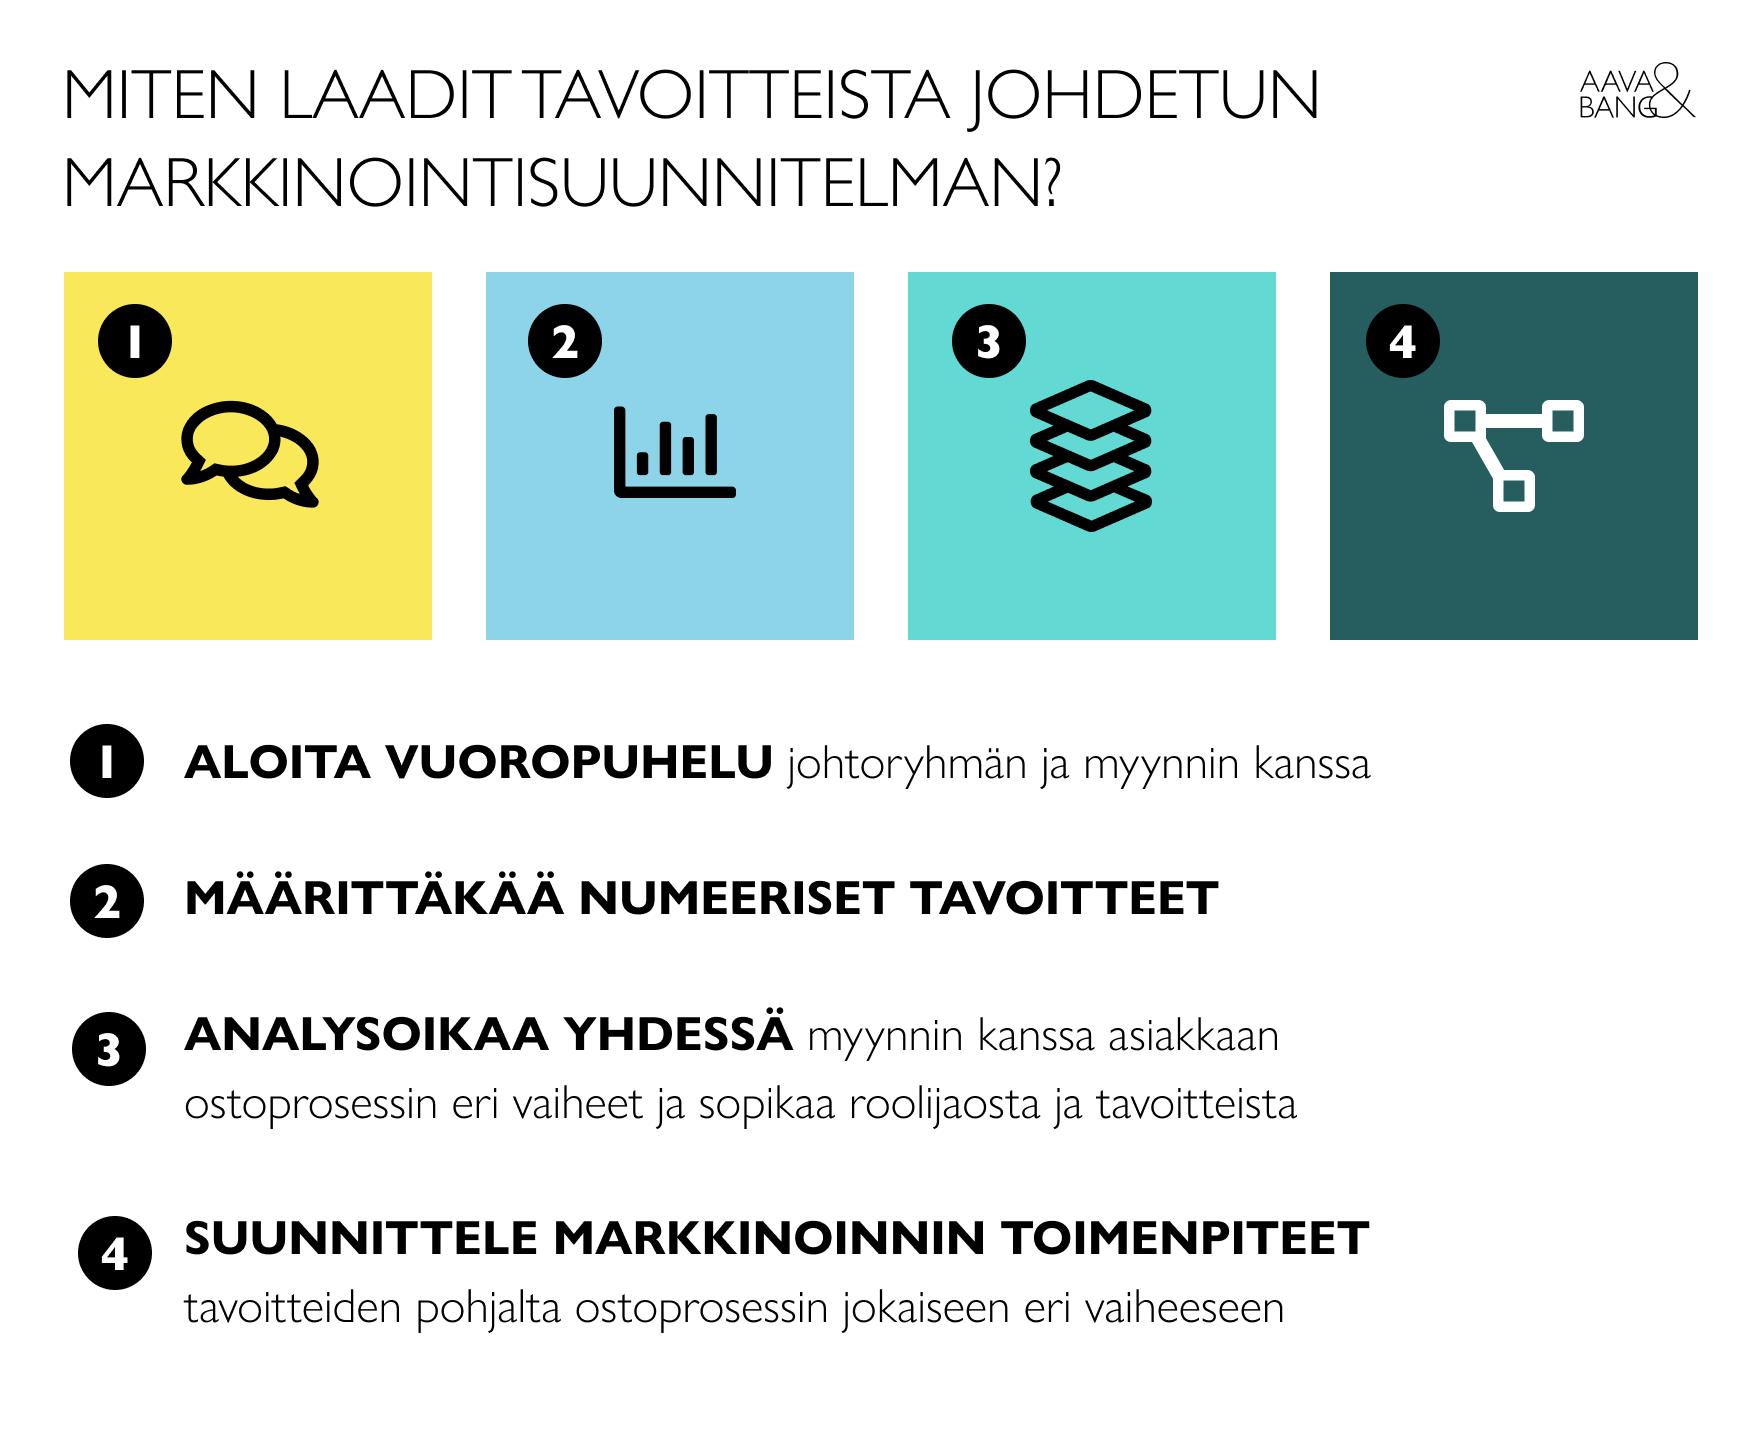 4-aavabang-markkinointisuunnitelman-laatiminen-infograafi